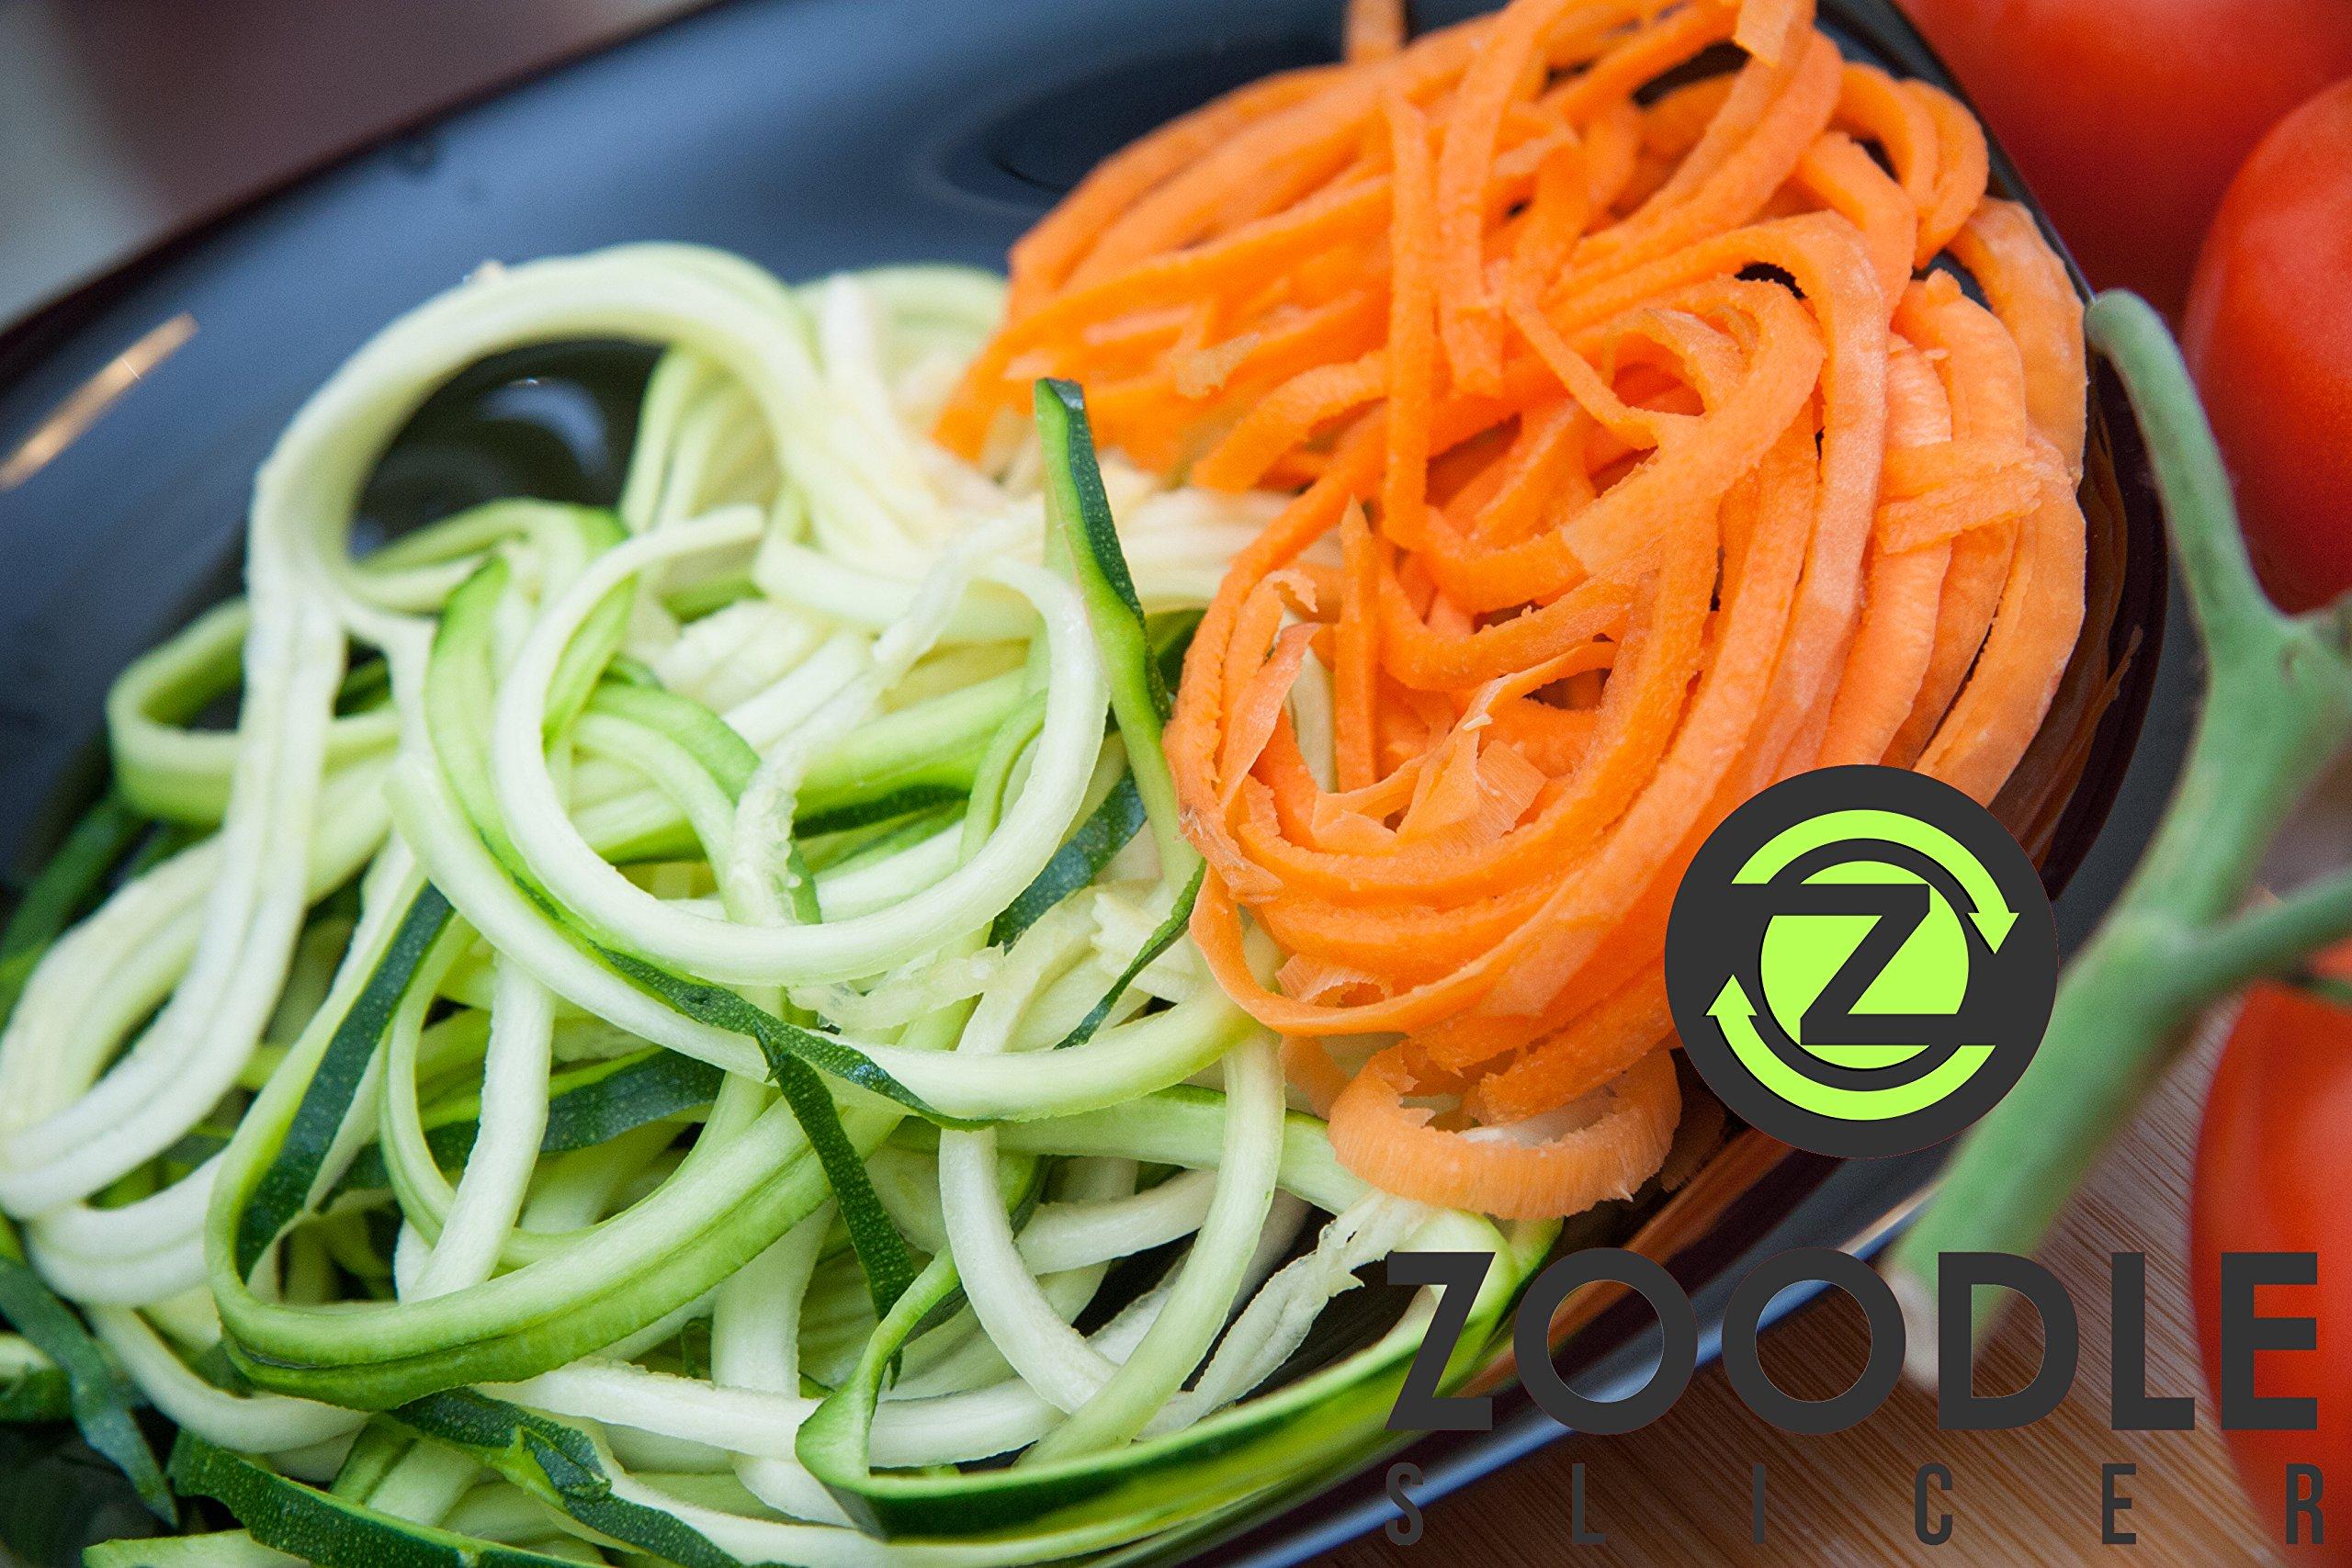 The Original Zoodle Slicer - Complete Vegetable Spiralizer Spiral Slicer Bundle (With Cleaning Brush, Peeler & eBook) by Zoodle Slicer (Image #6)